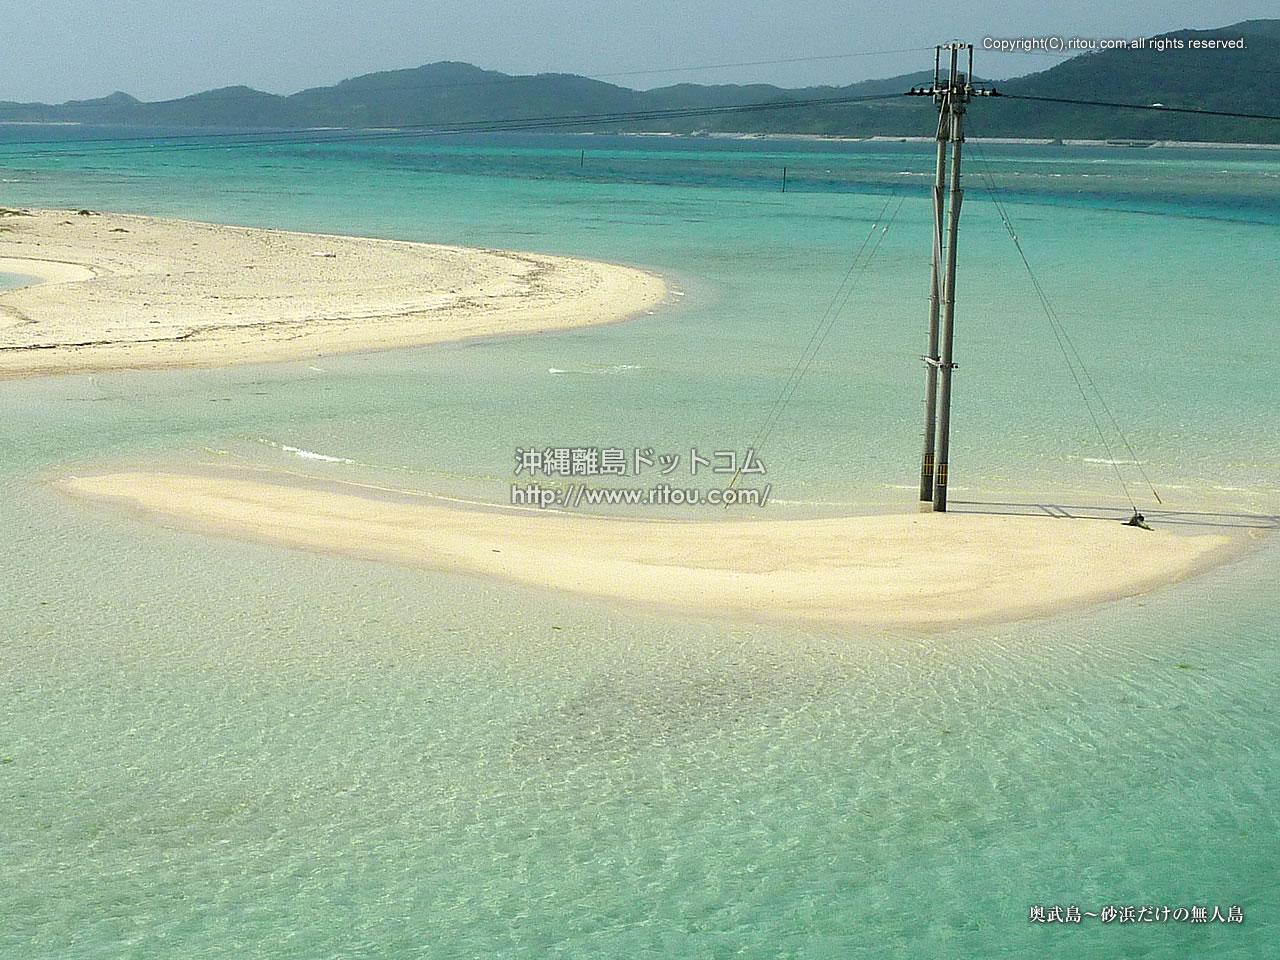 奥武島〜砂浜だけの無人島